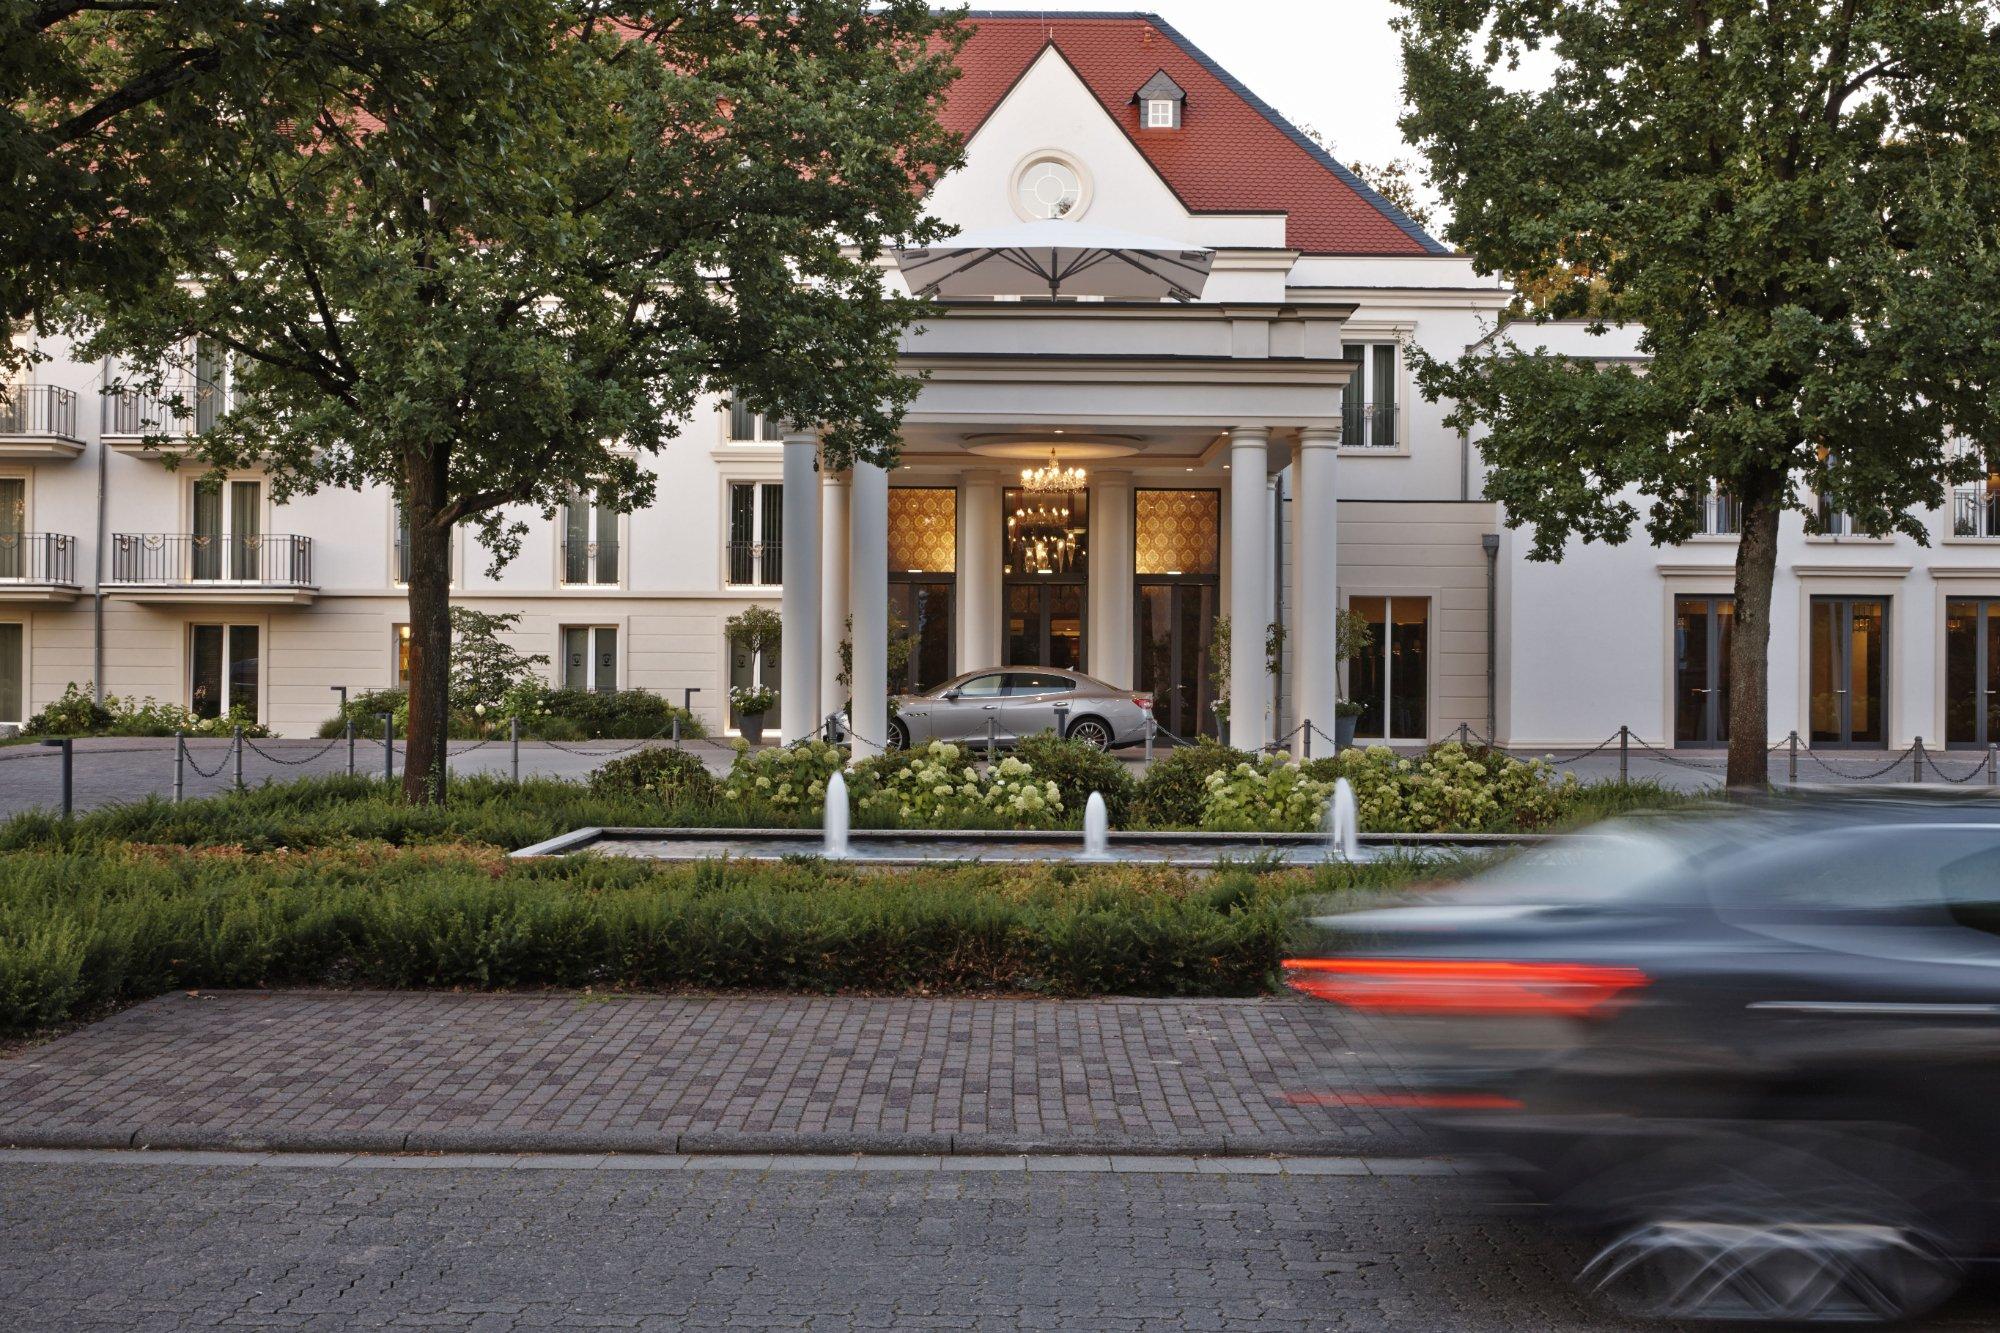 كيمبينسكي هوتل فرانكفورت جرافينبروش